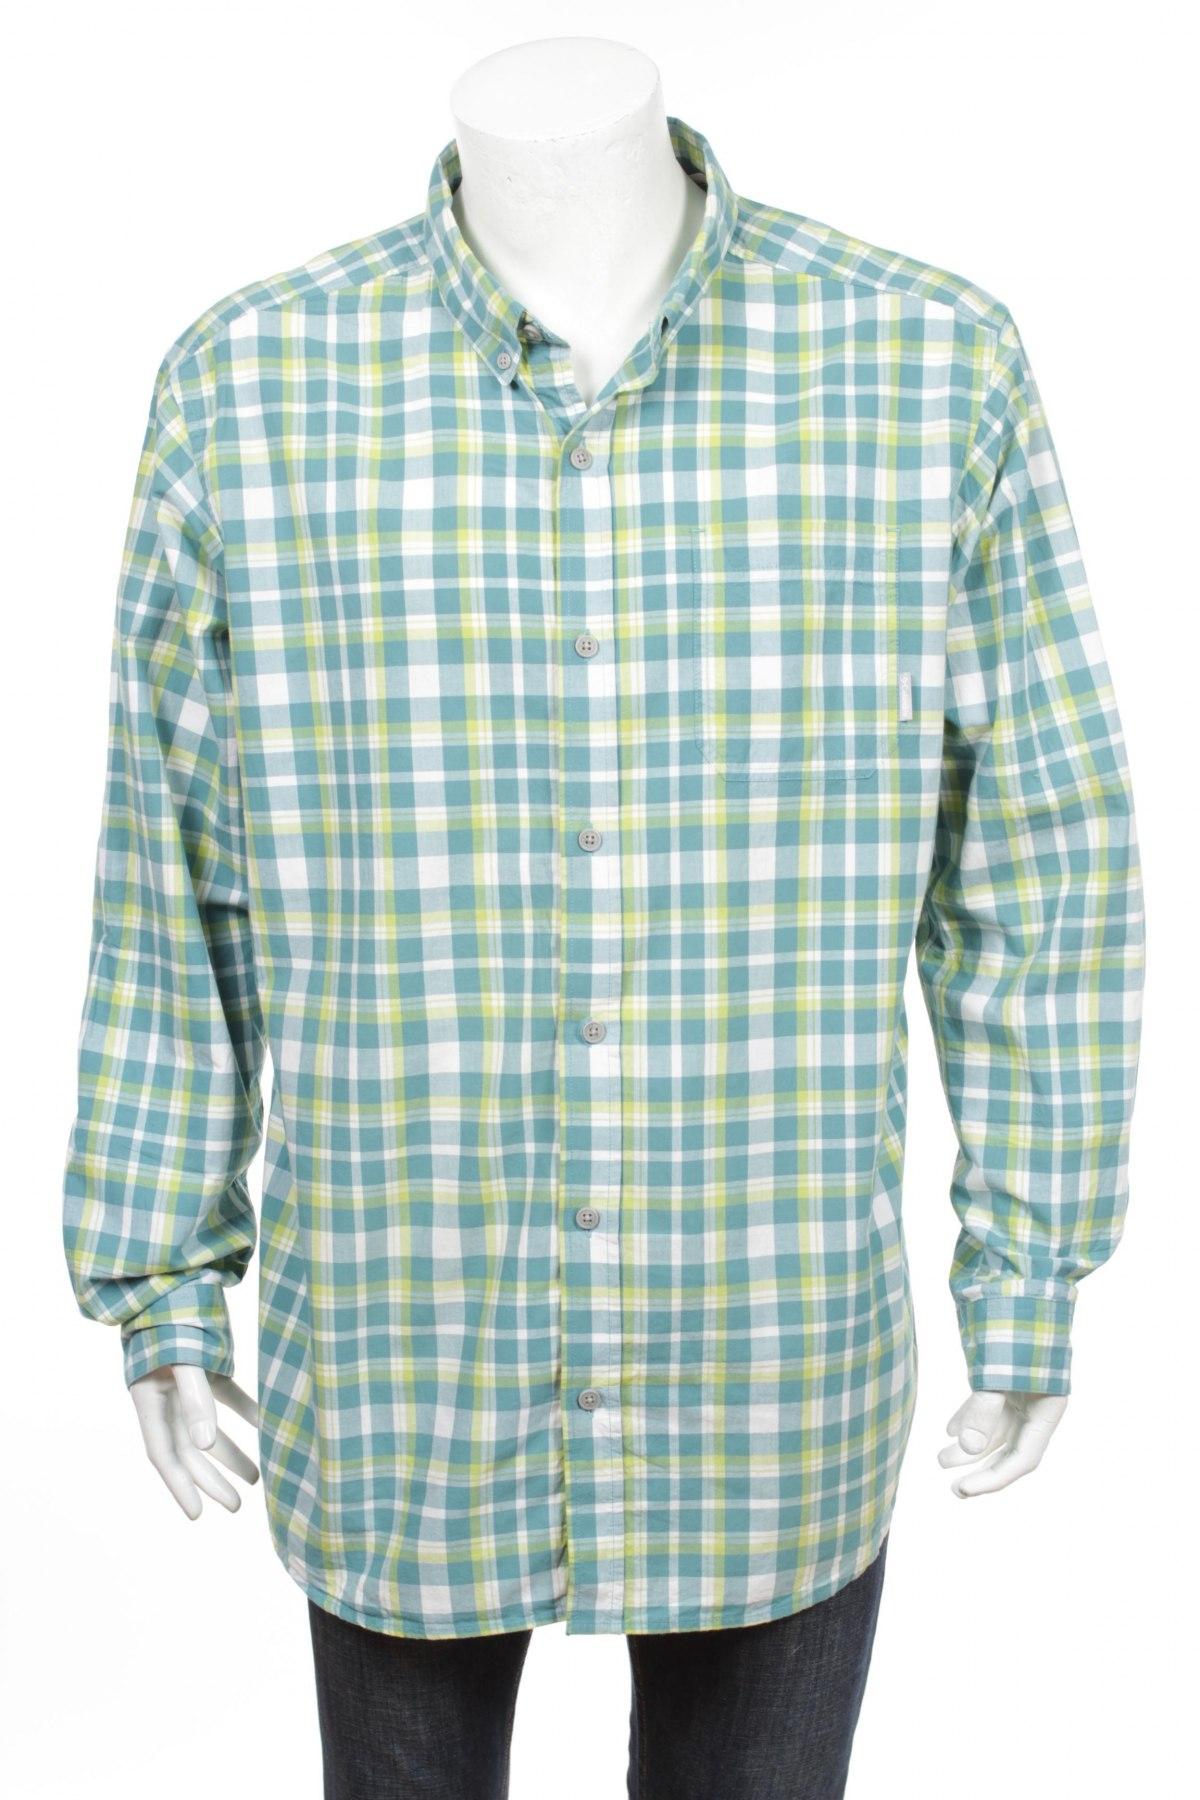 Ανδρικό πουκάμισο Columbia - σε συμφέρουσα τιμή στο Remix -  103183303 8a5075444a0